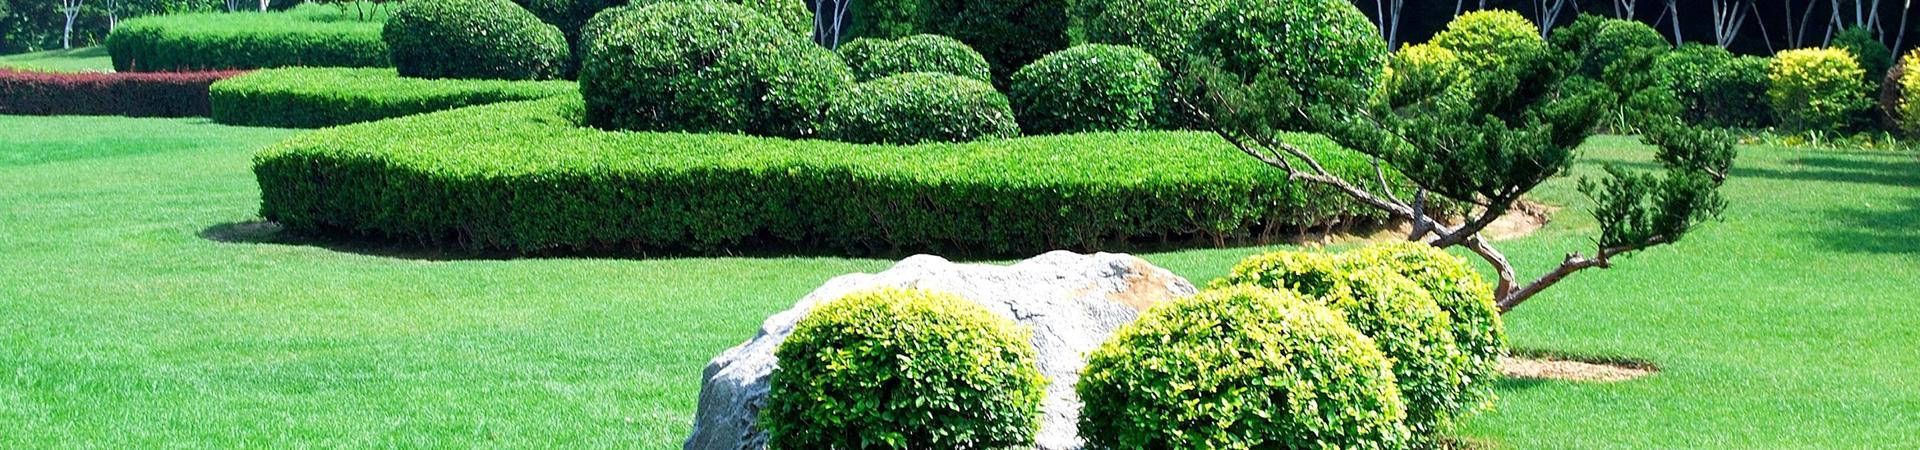 L 39 lagage et l 39 abattage d 39 arbres versailles dans les for Entretien jardin versailles